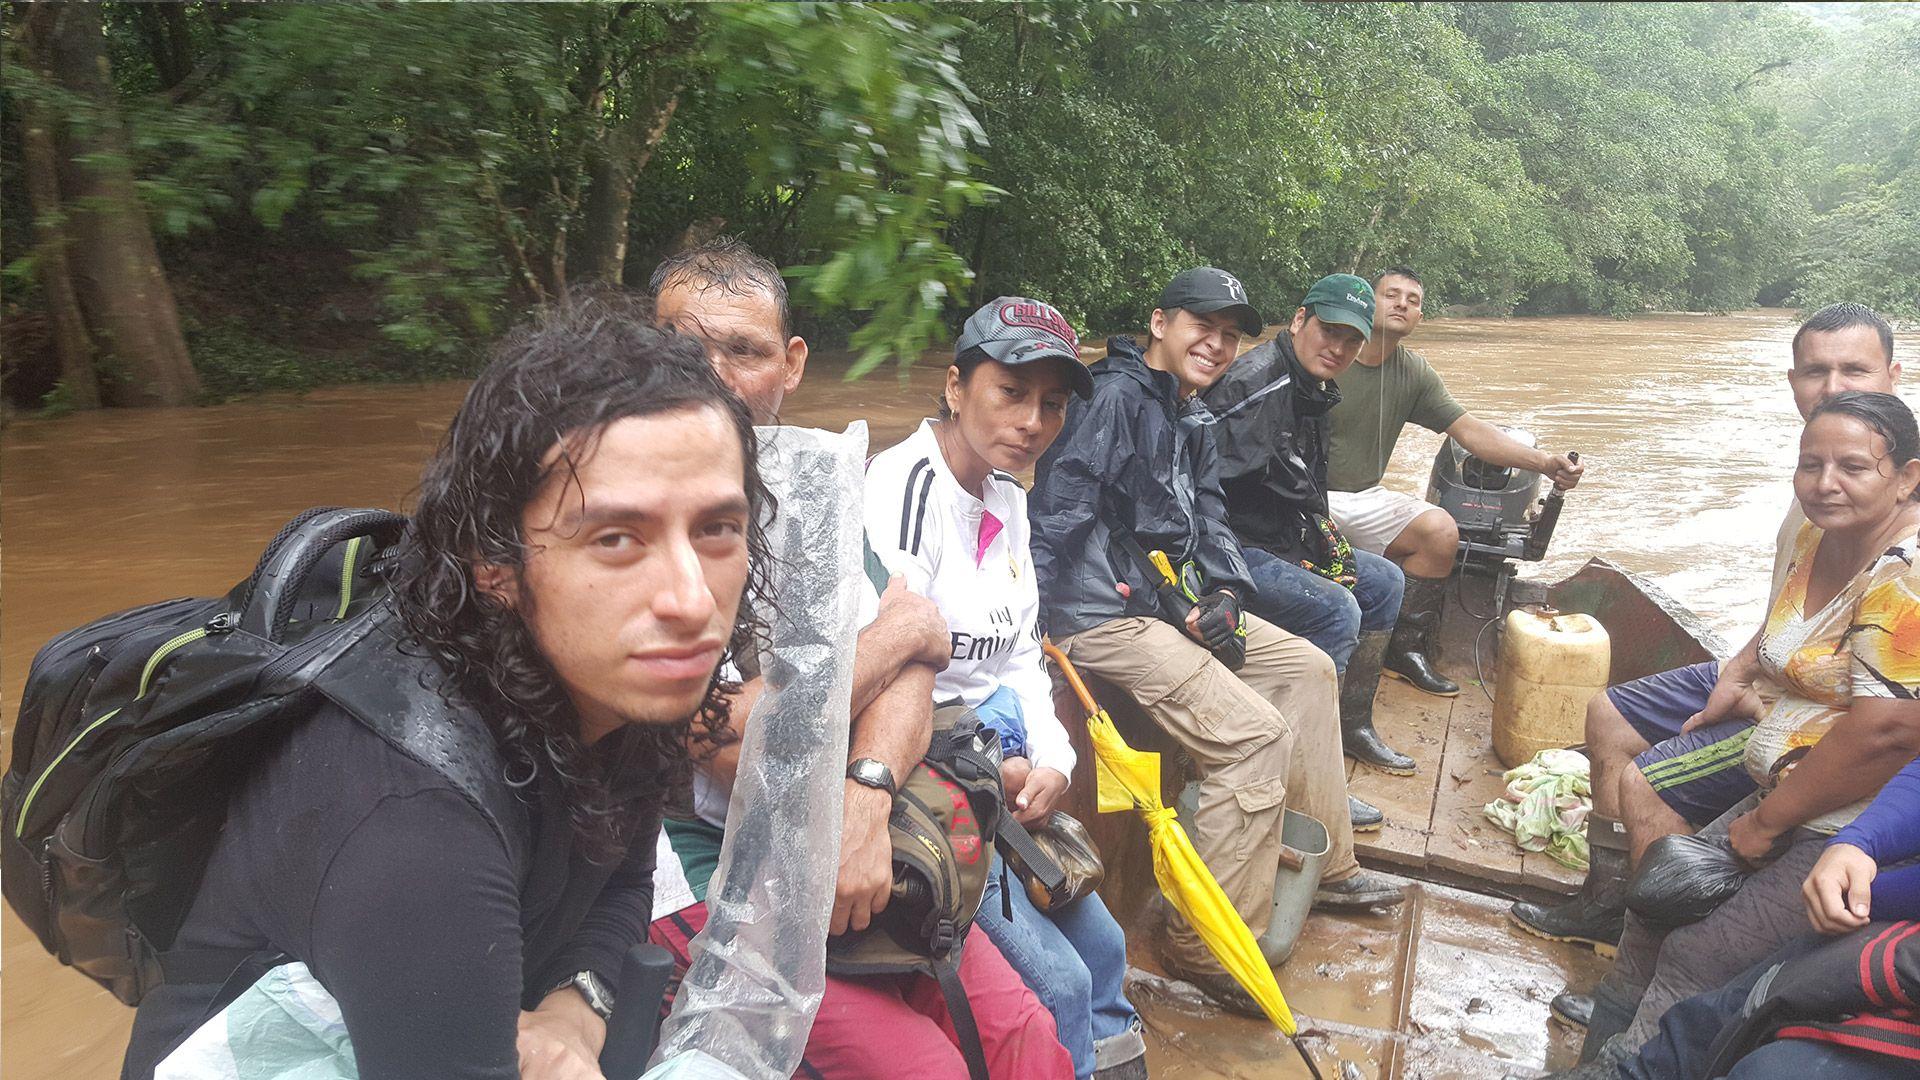 Cinco días duró el recorrido de los estudiantes por el bosque de la Serranía. Foto: Archivo particular.